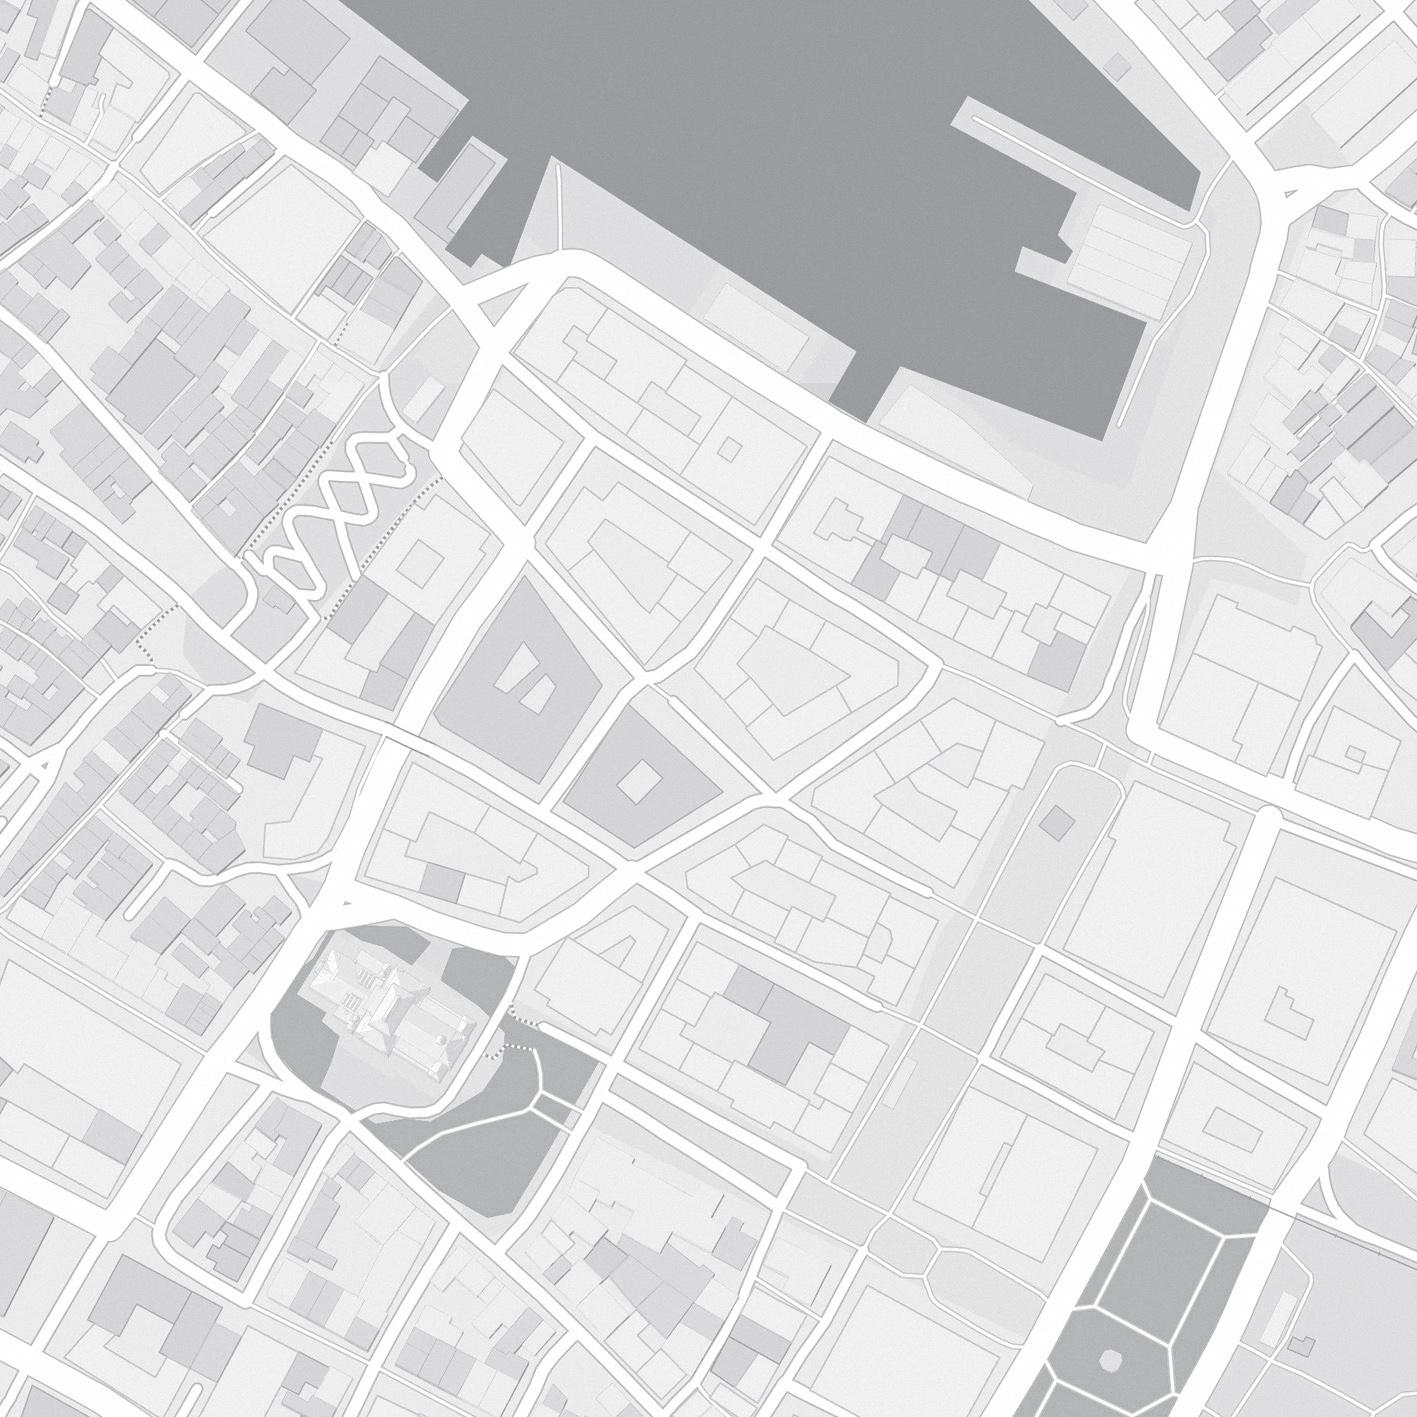 Strandgaten 10, 5013 Bergen: Her finner du Yogarommet i 6. etasje